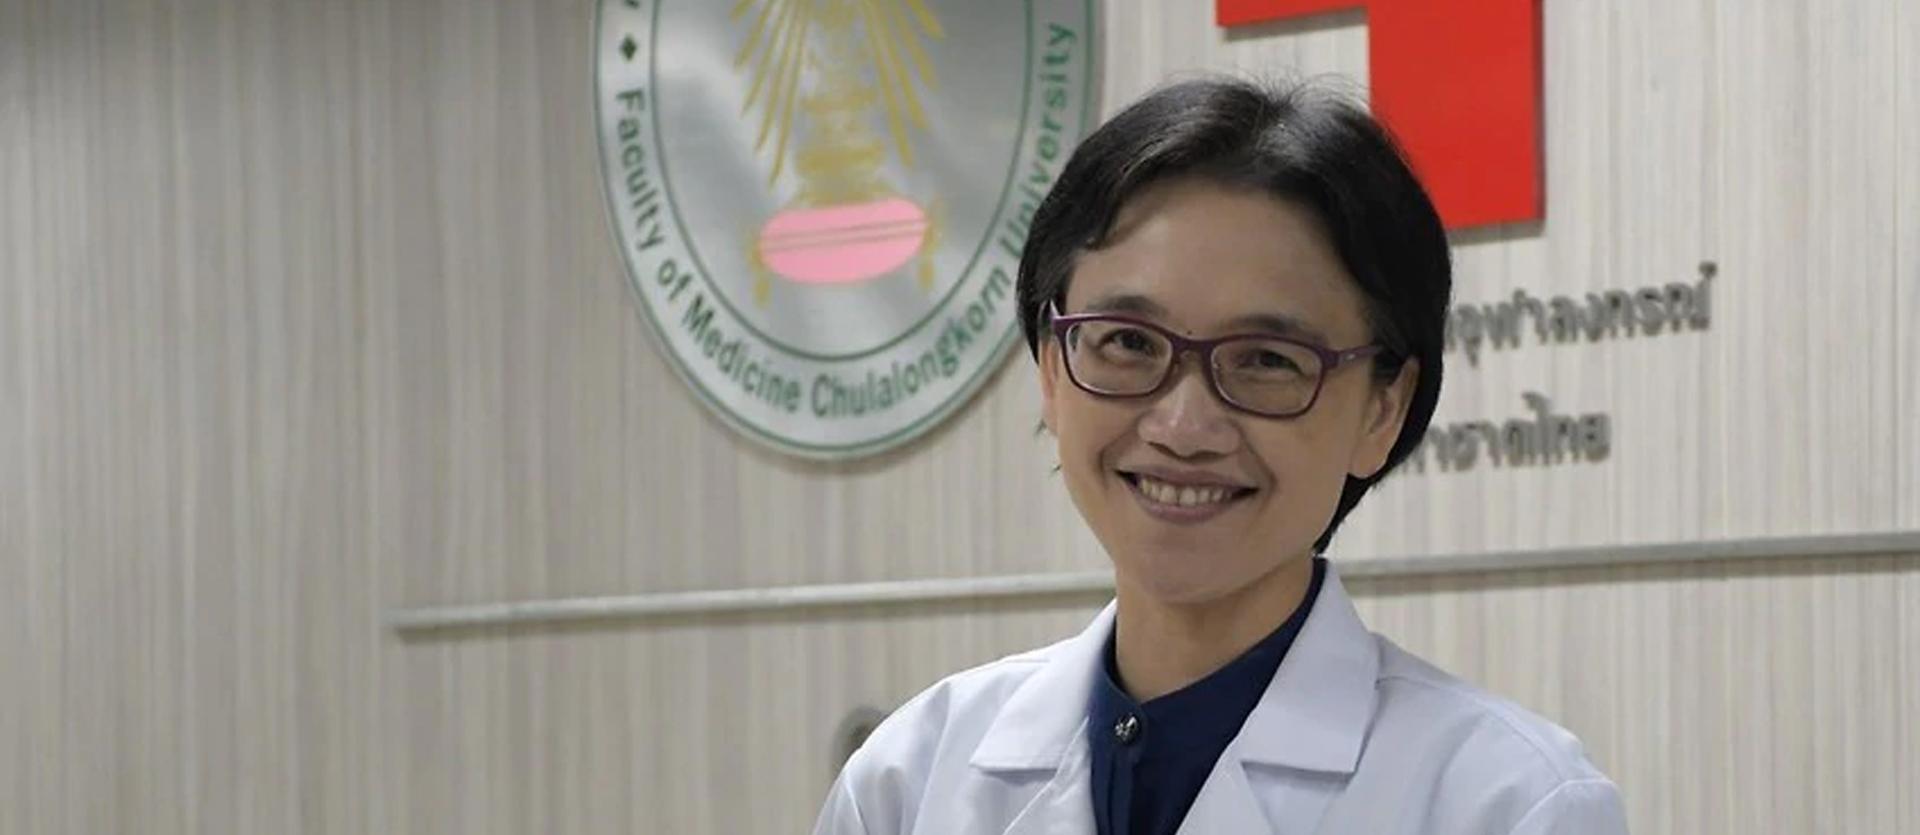 ดร.สุภาภรณ์ วัชรพฤษาดี แห่งศูนย์วิจัยโรคอุบัติใหม่ คณะแพทยศาสตร์ โรงพยาบาลจุฬาลงกรณ์ สภากาชาดไทย